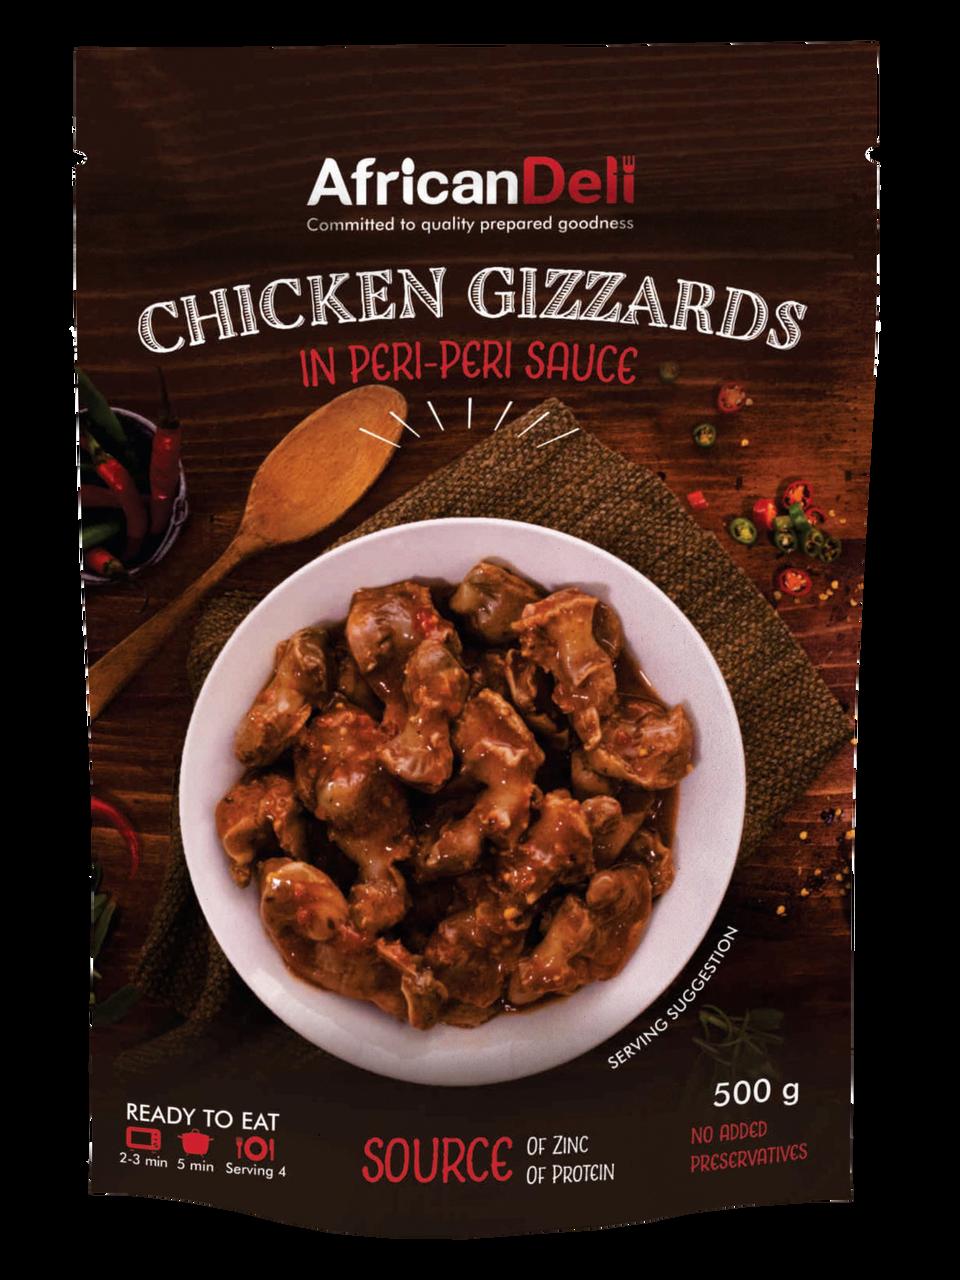 Chicken Gizzards in Peri-Peri Sauce 500g